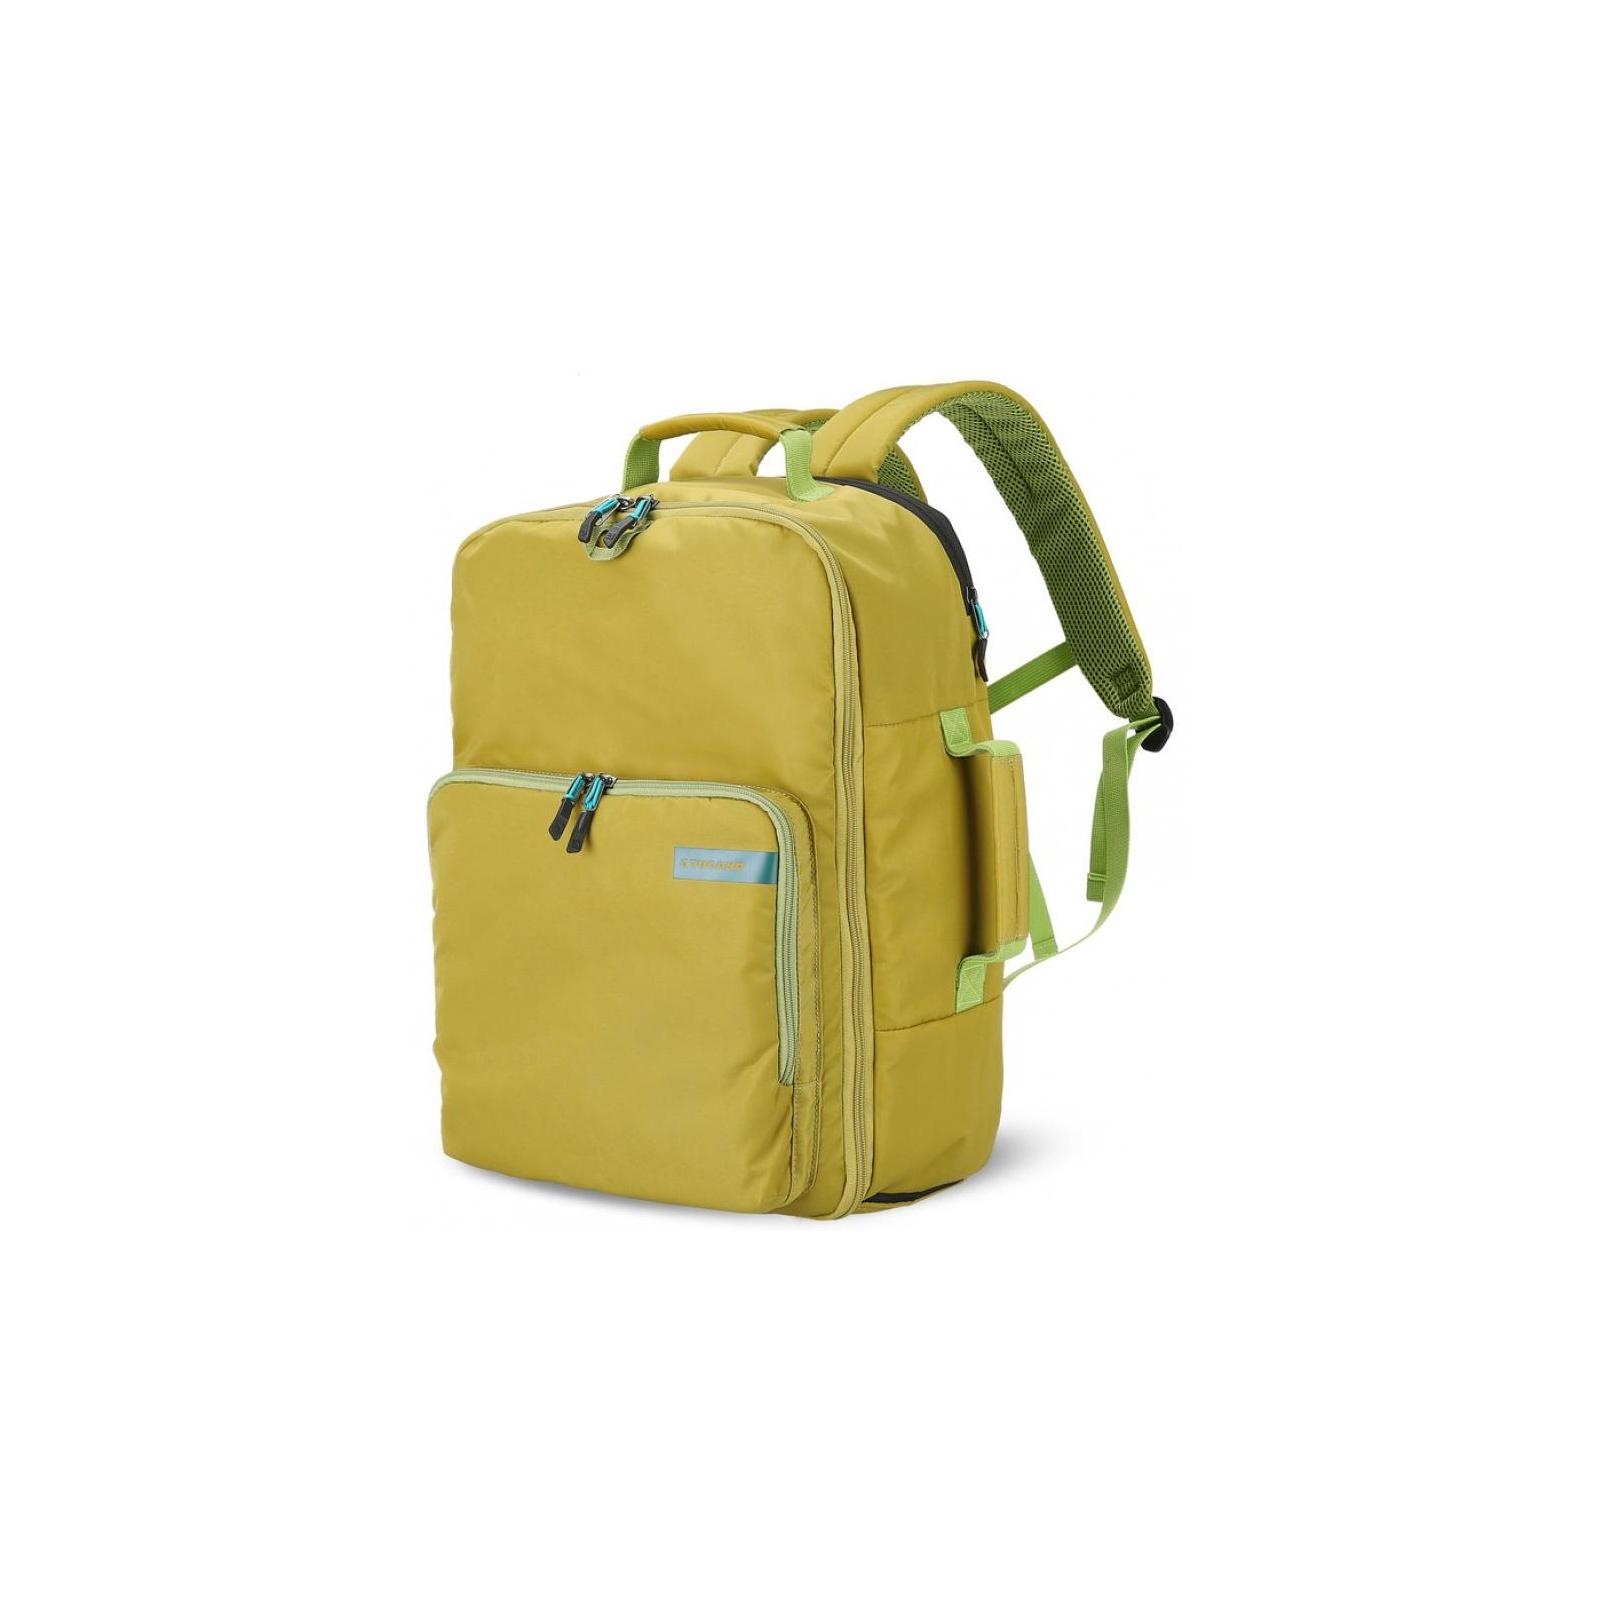 Рюкзак Tucano Sport Mister зелёный (BKMR-V)